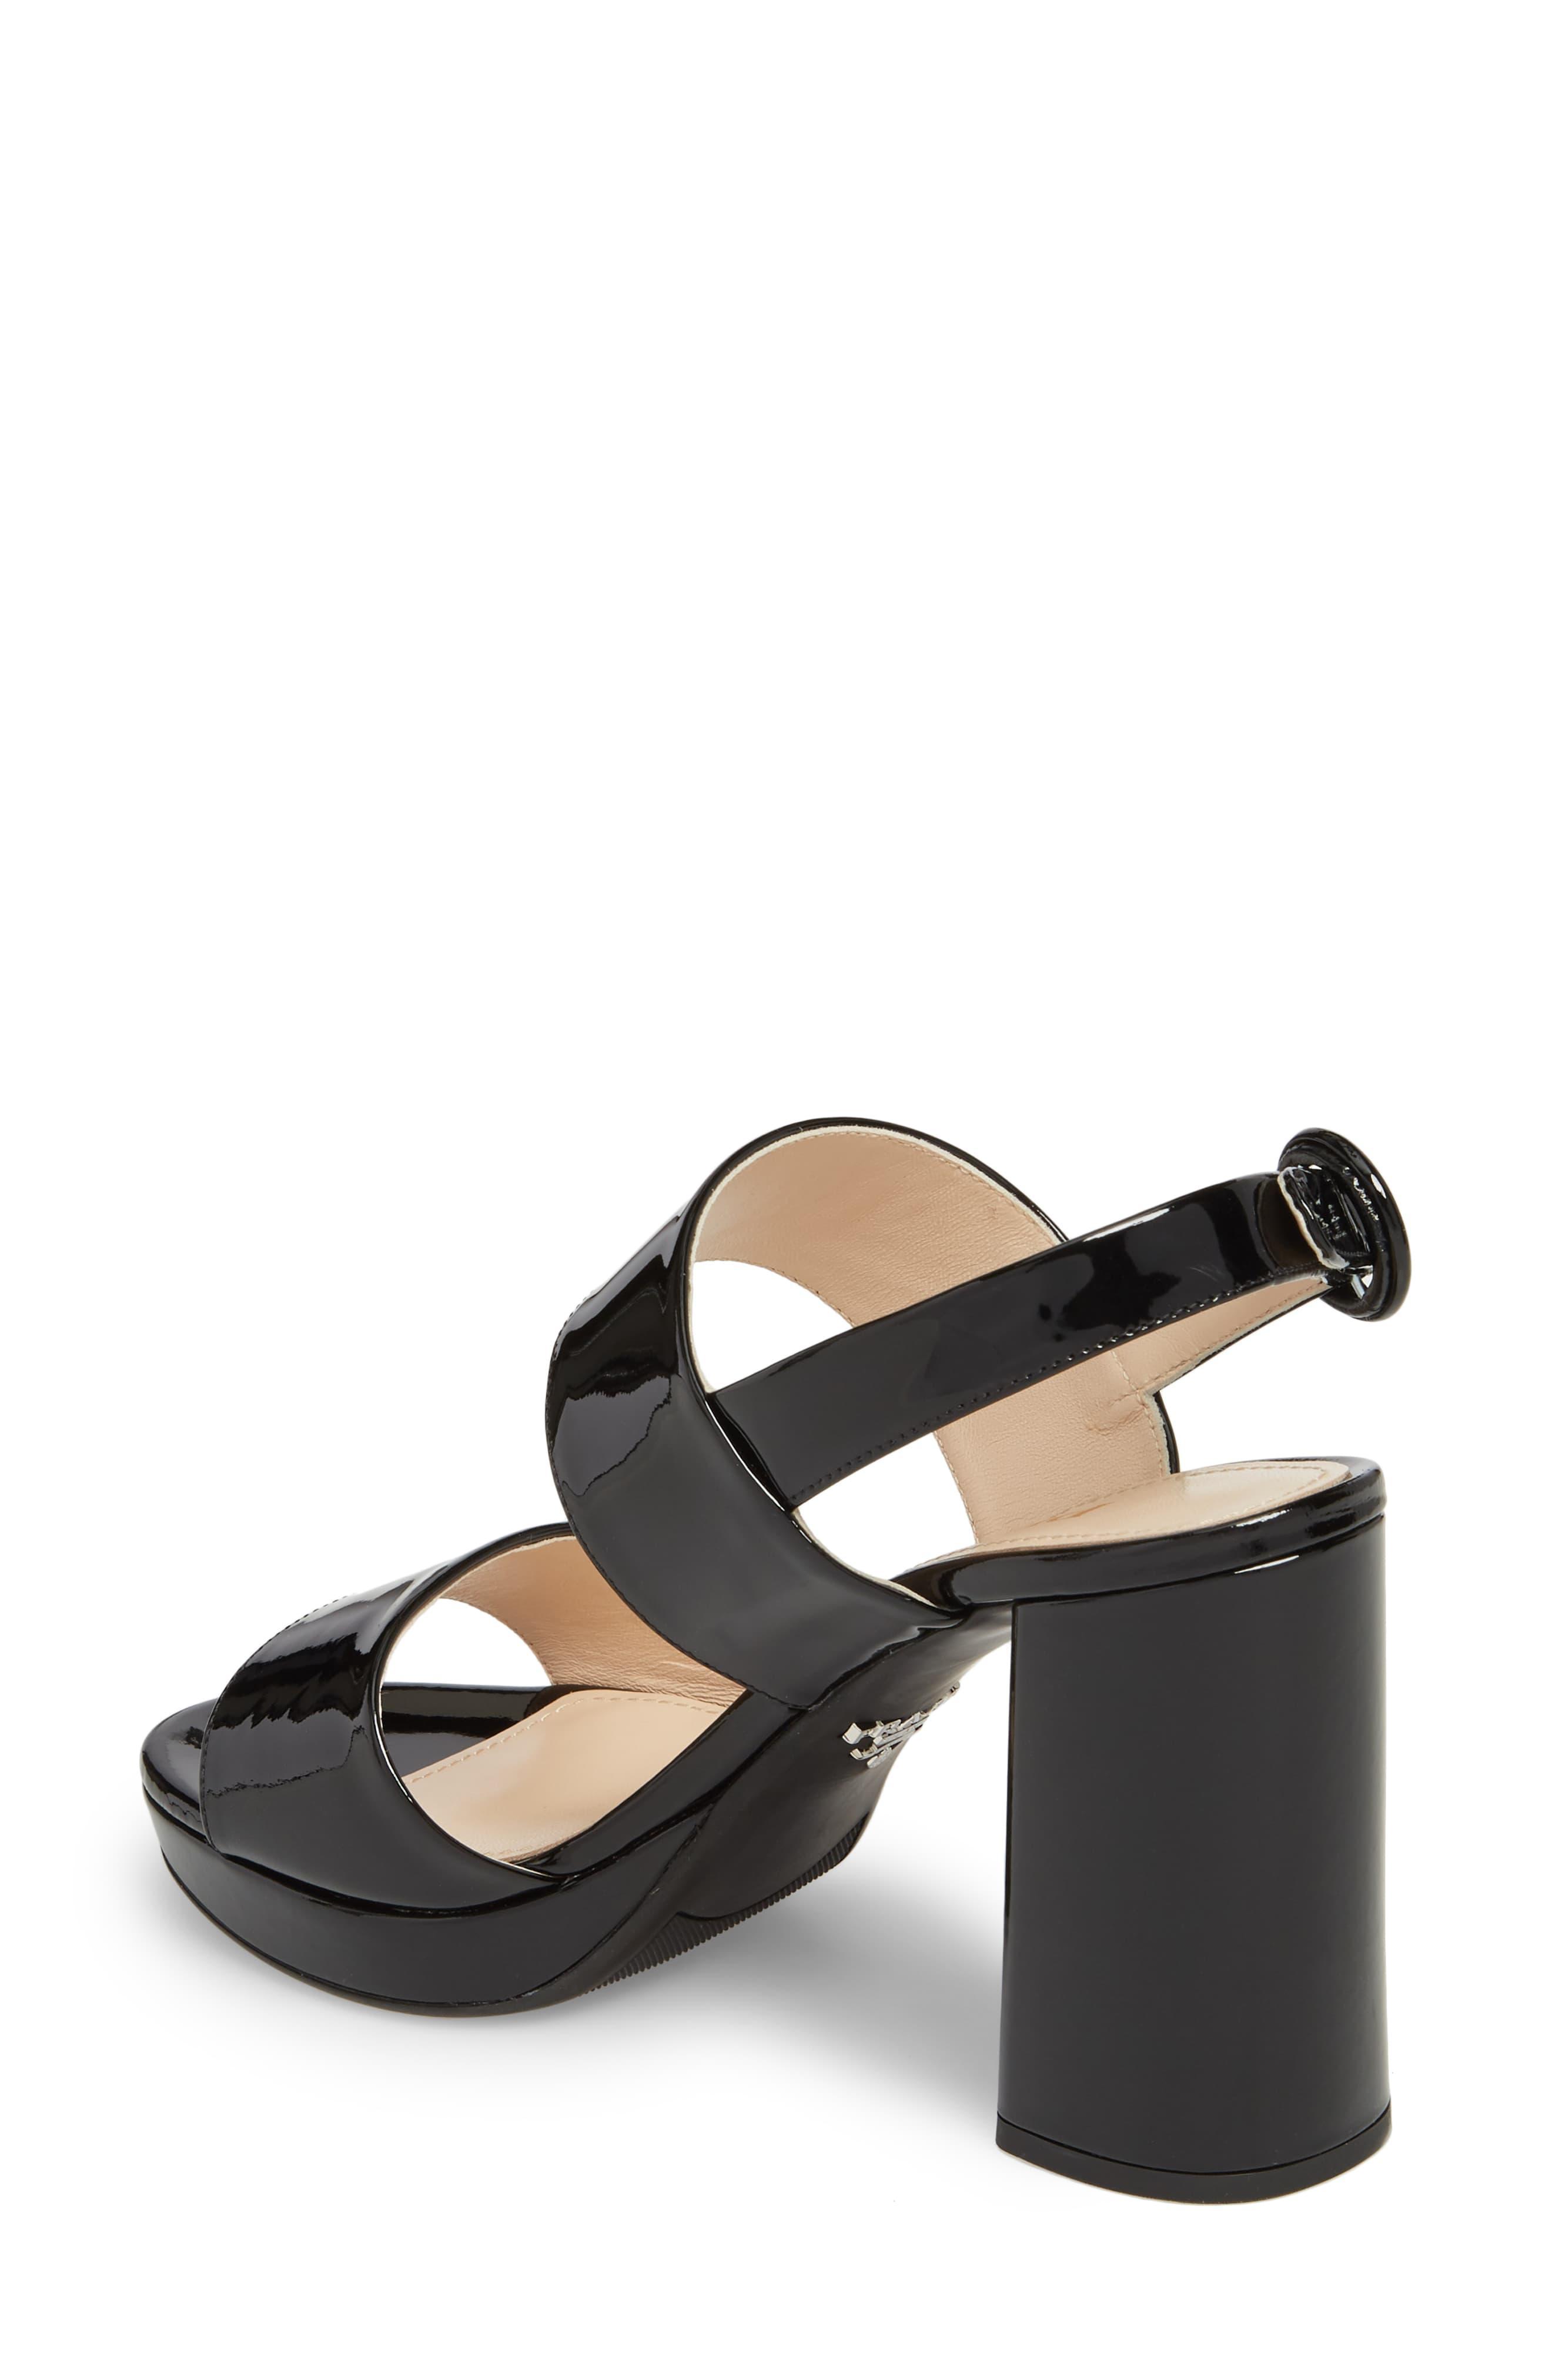 Prada Slingback Platform Sandal in